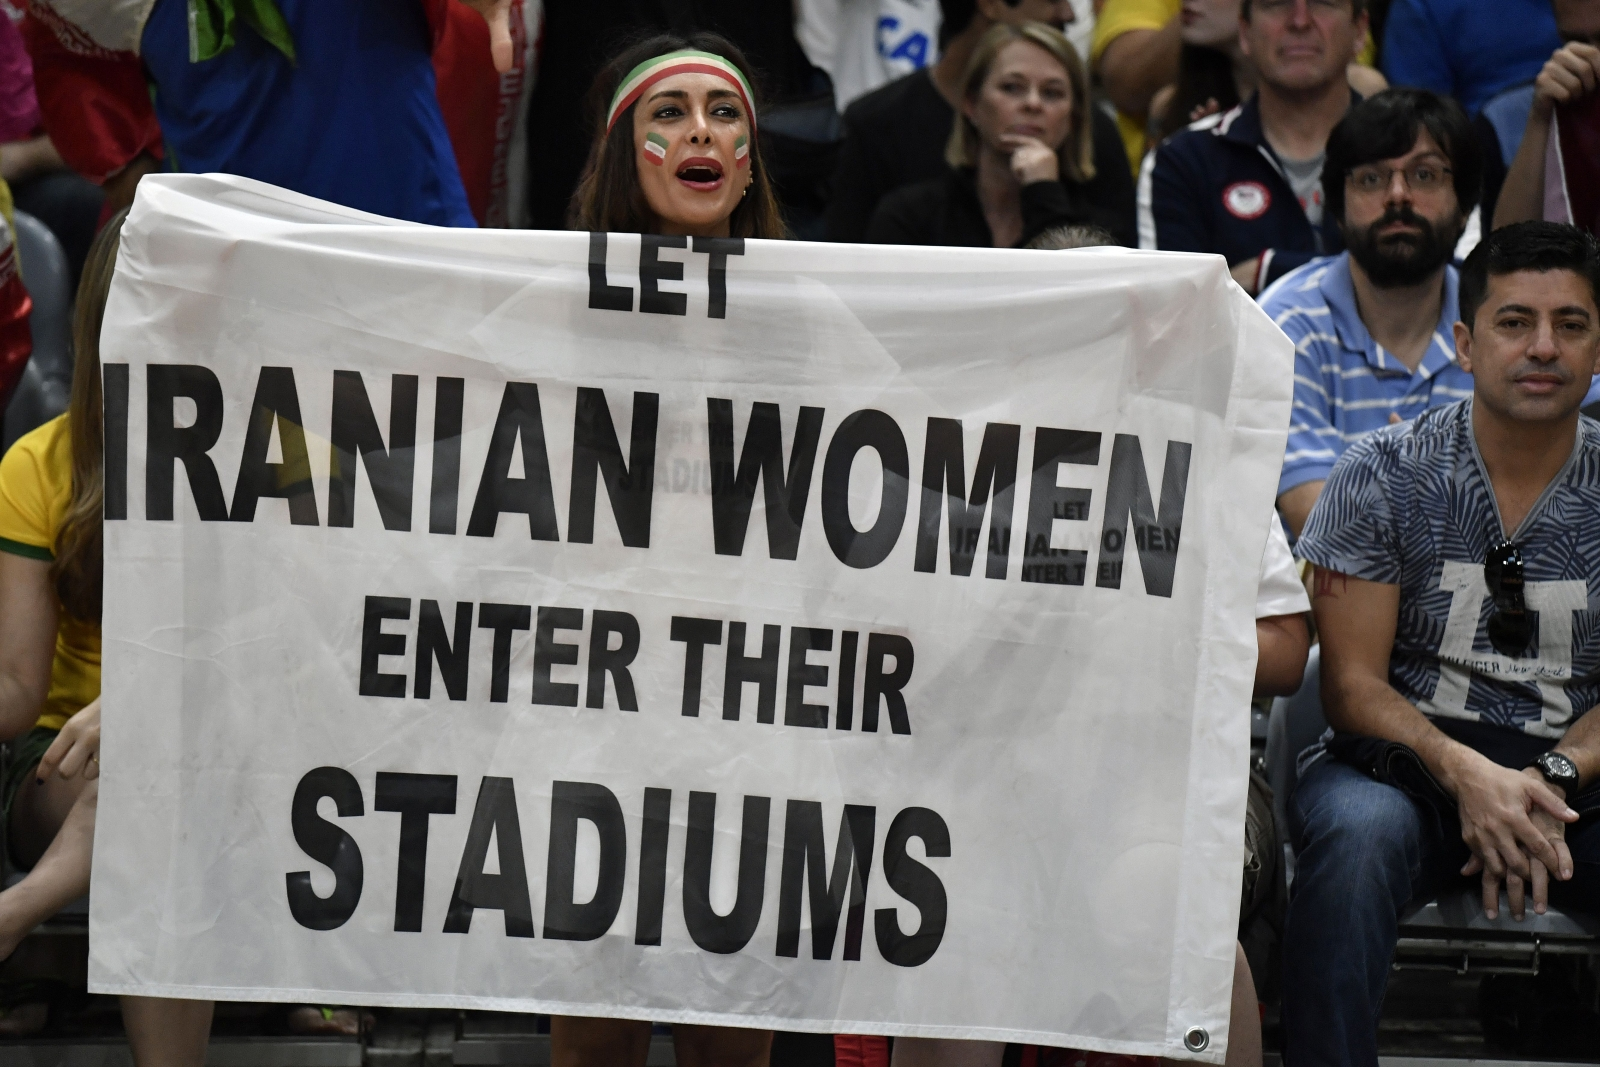 Let Women Enter Their Stadiums